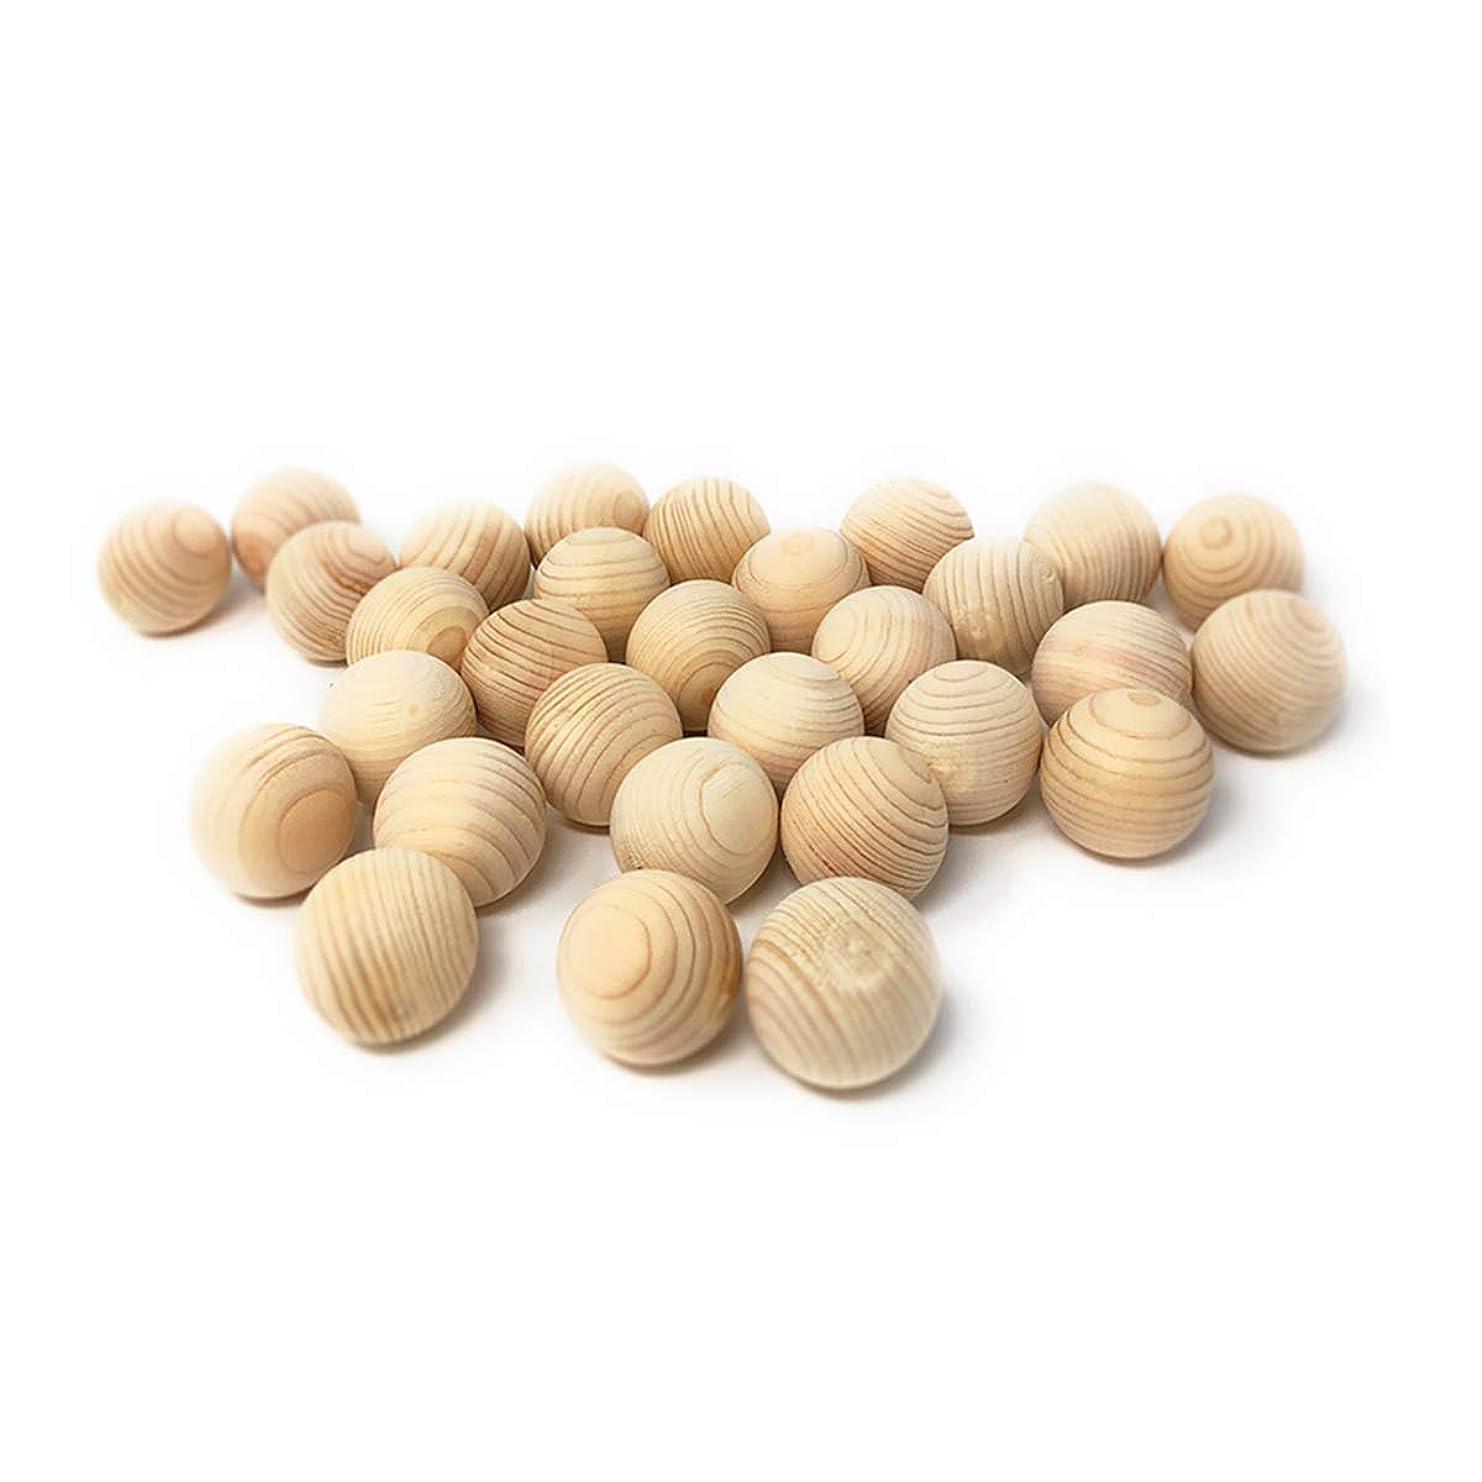 にマナーコジオスコ国産 ひのき玉 30個セット 35mm 天然 木曽ひのき お風呂玉?香り玉 ヒノキボール